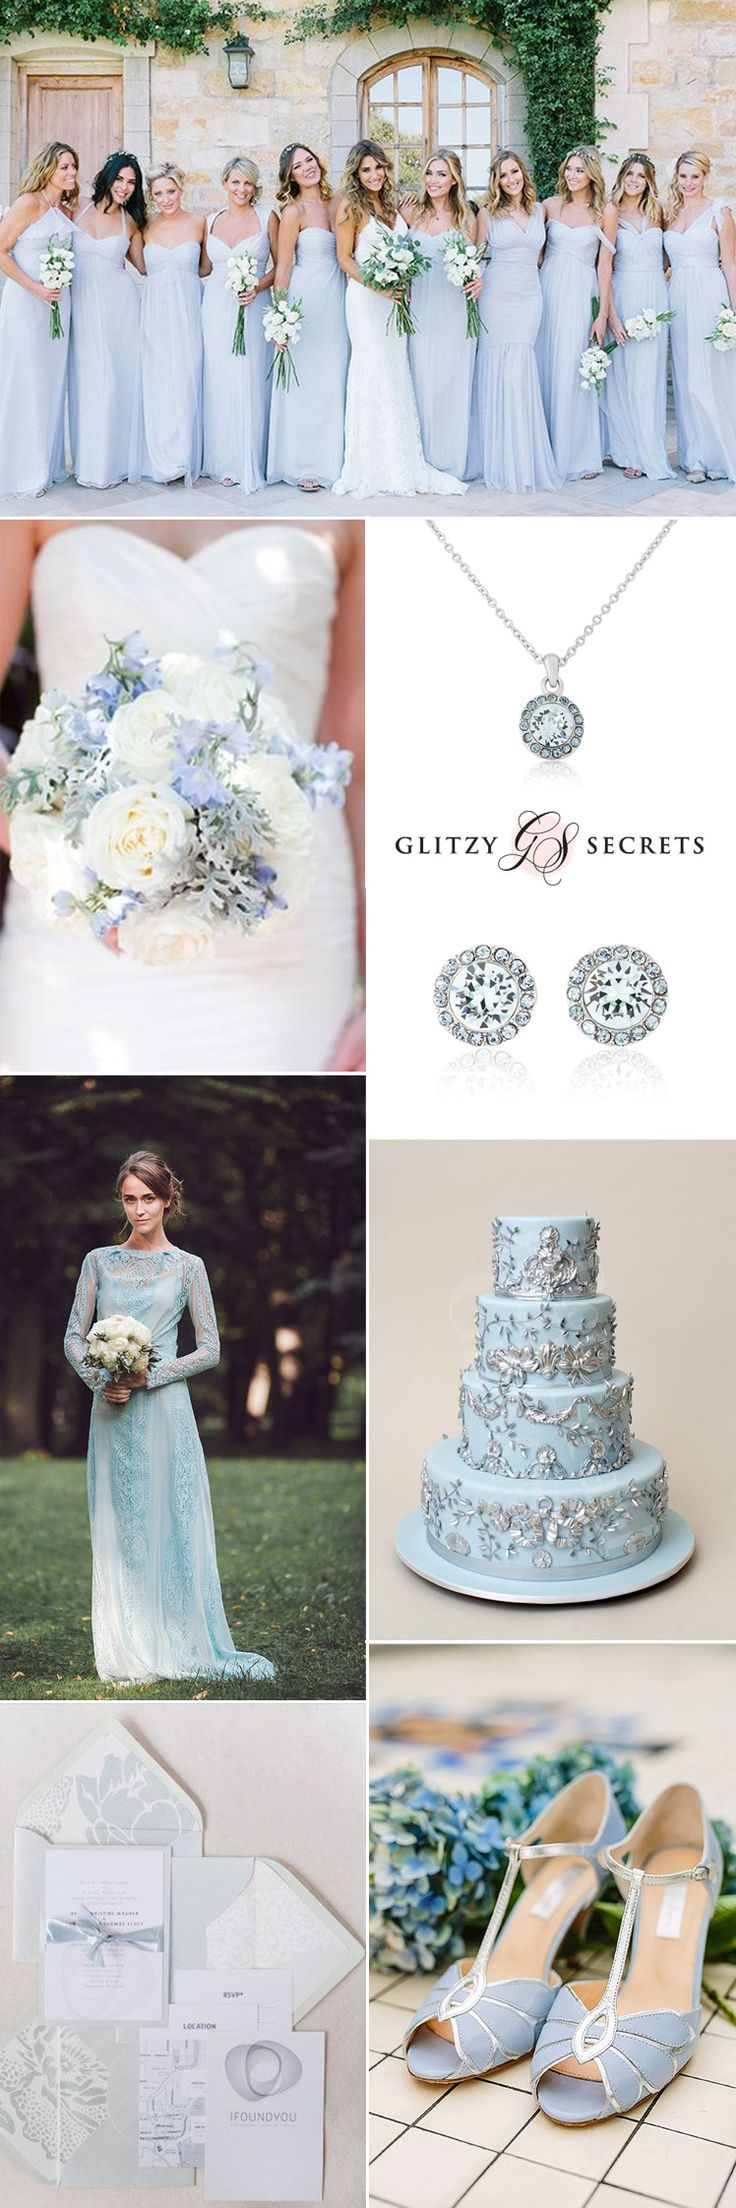 Pale blue and silver wedding ideas for a pretty, elegant wedding theme on GS Inspiration - Glitzy Secrets